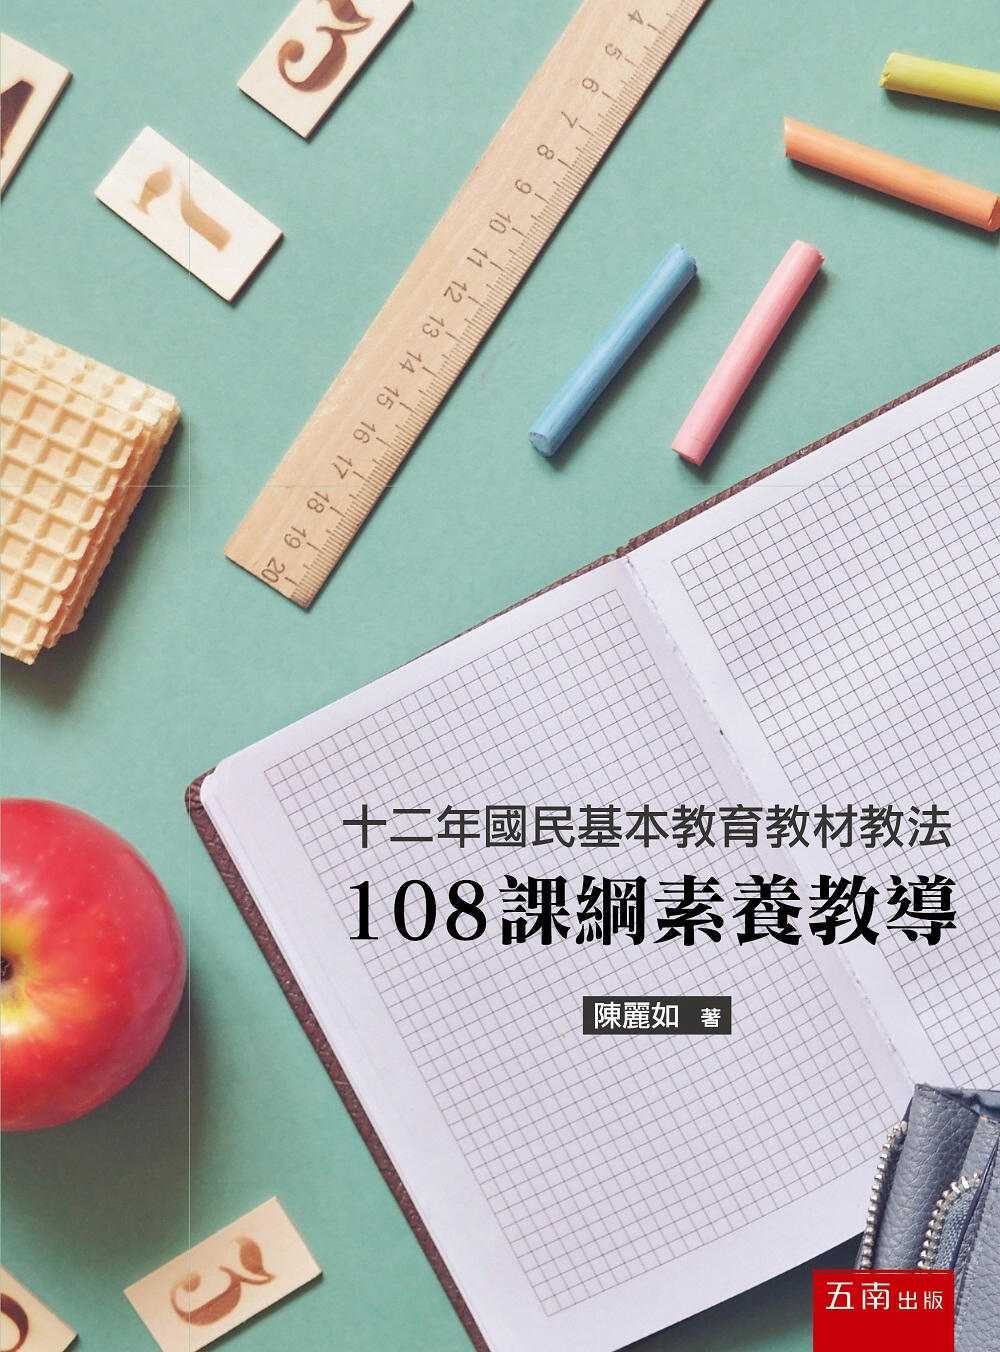 十二年國民基本教育教材教法:1...